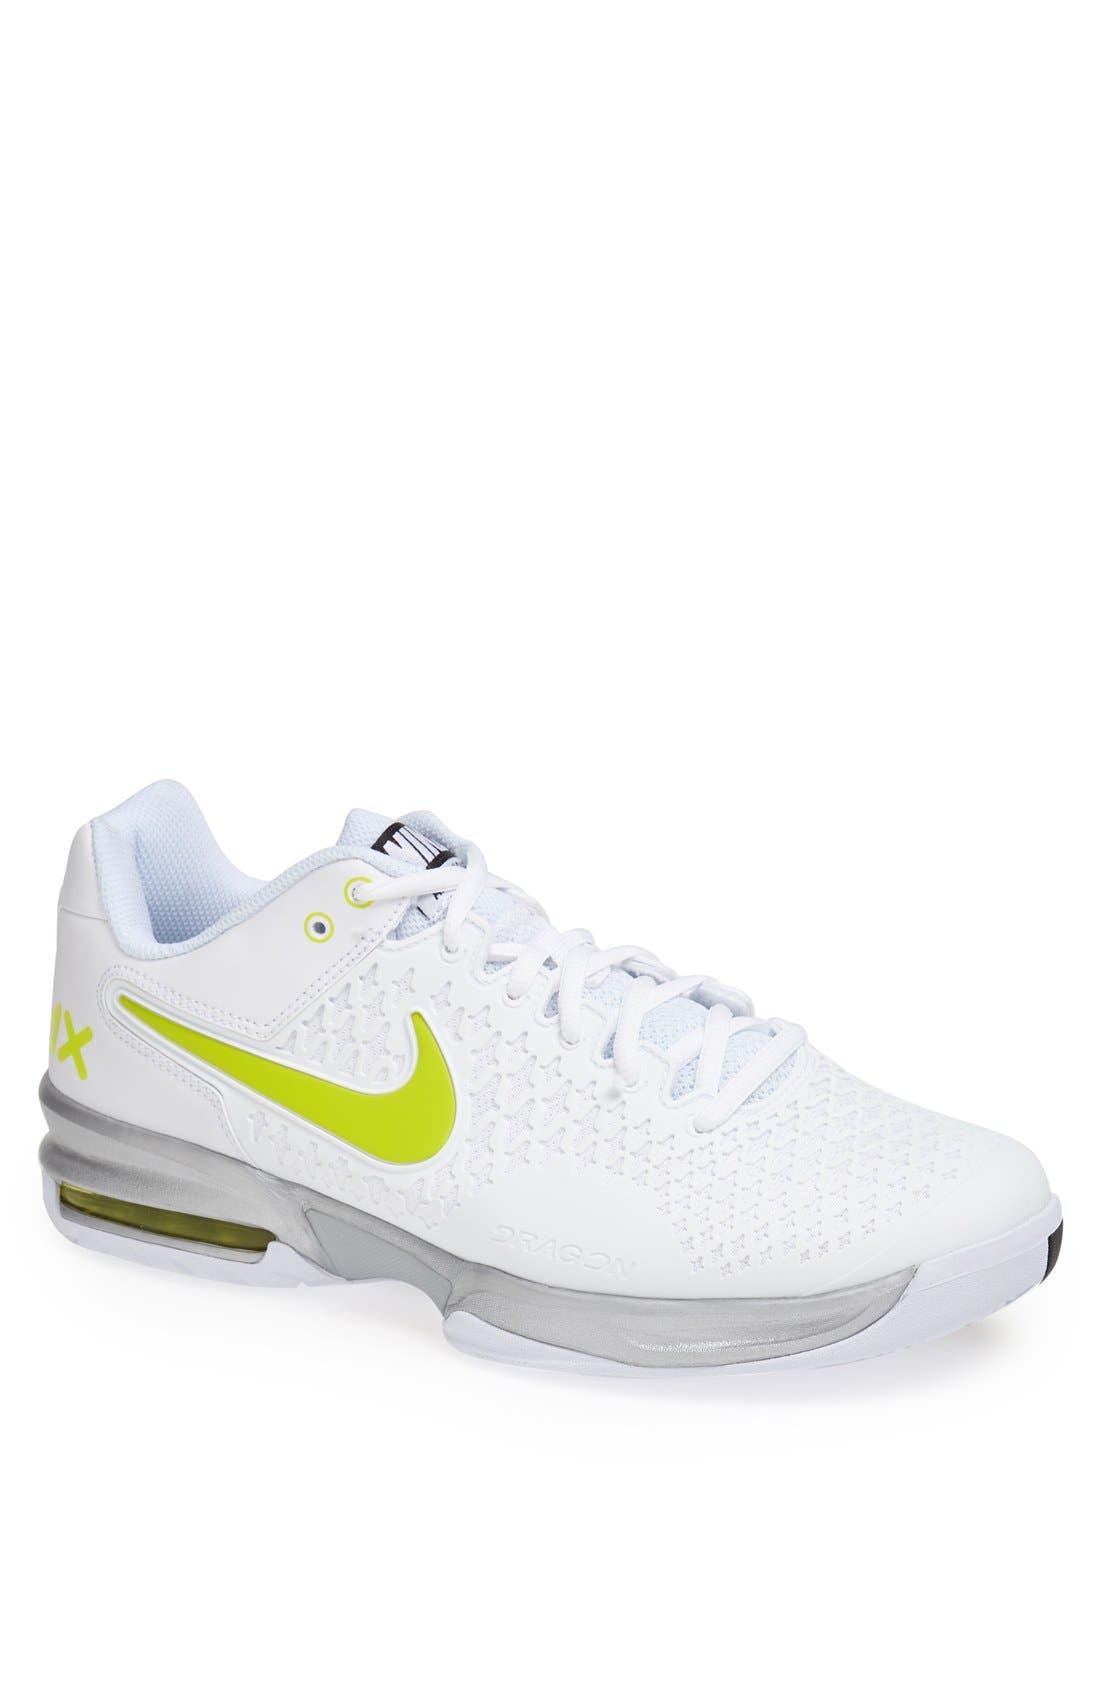 Main Image - Nike 'Air Max Cage' Tennis Shoe (Men)